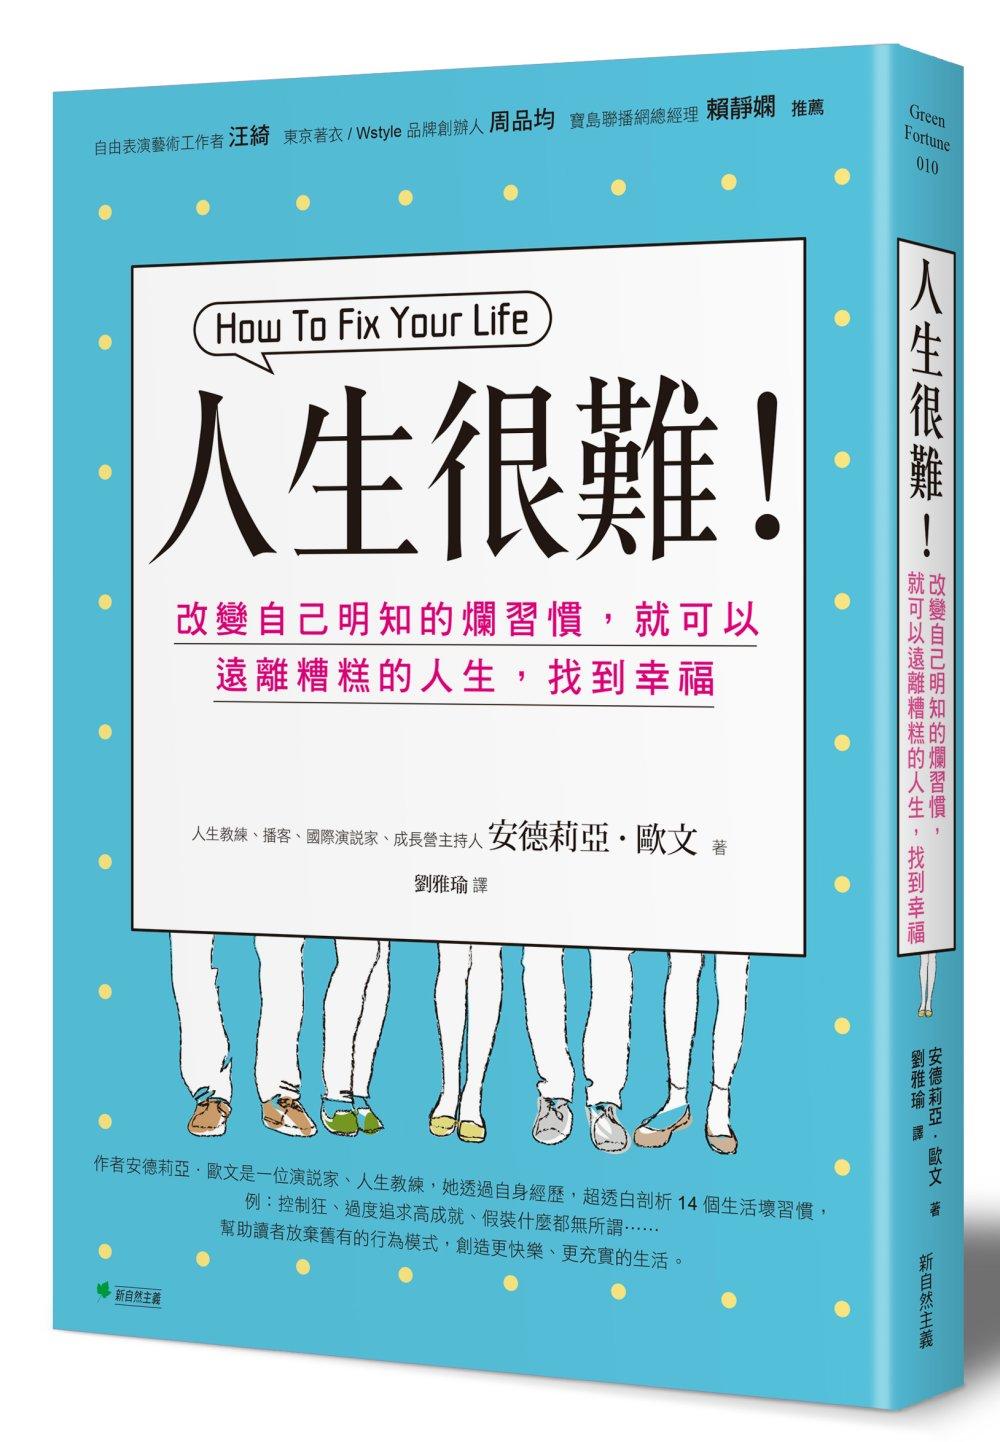 人生很難!:改變自己明知的爛習慣,就可以遠離糟糕的人生,找到幸福